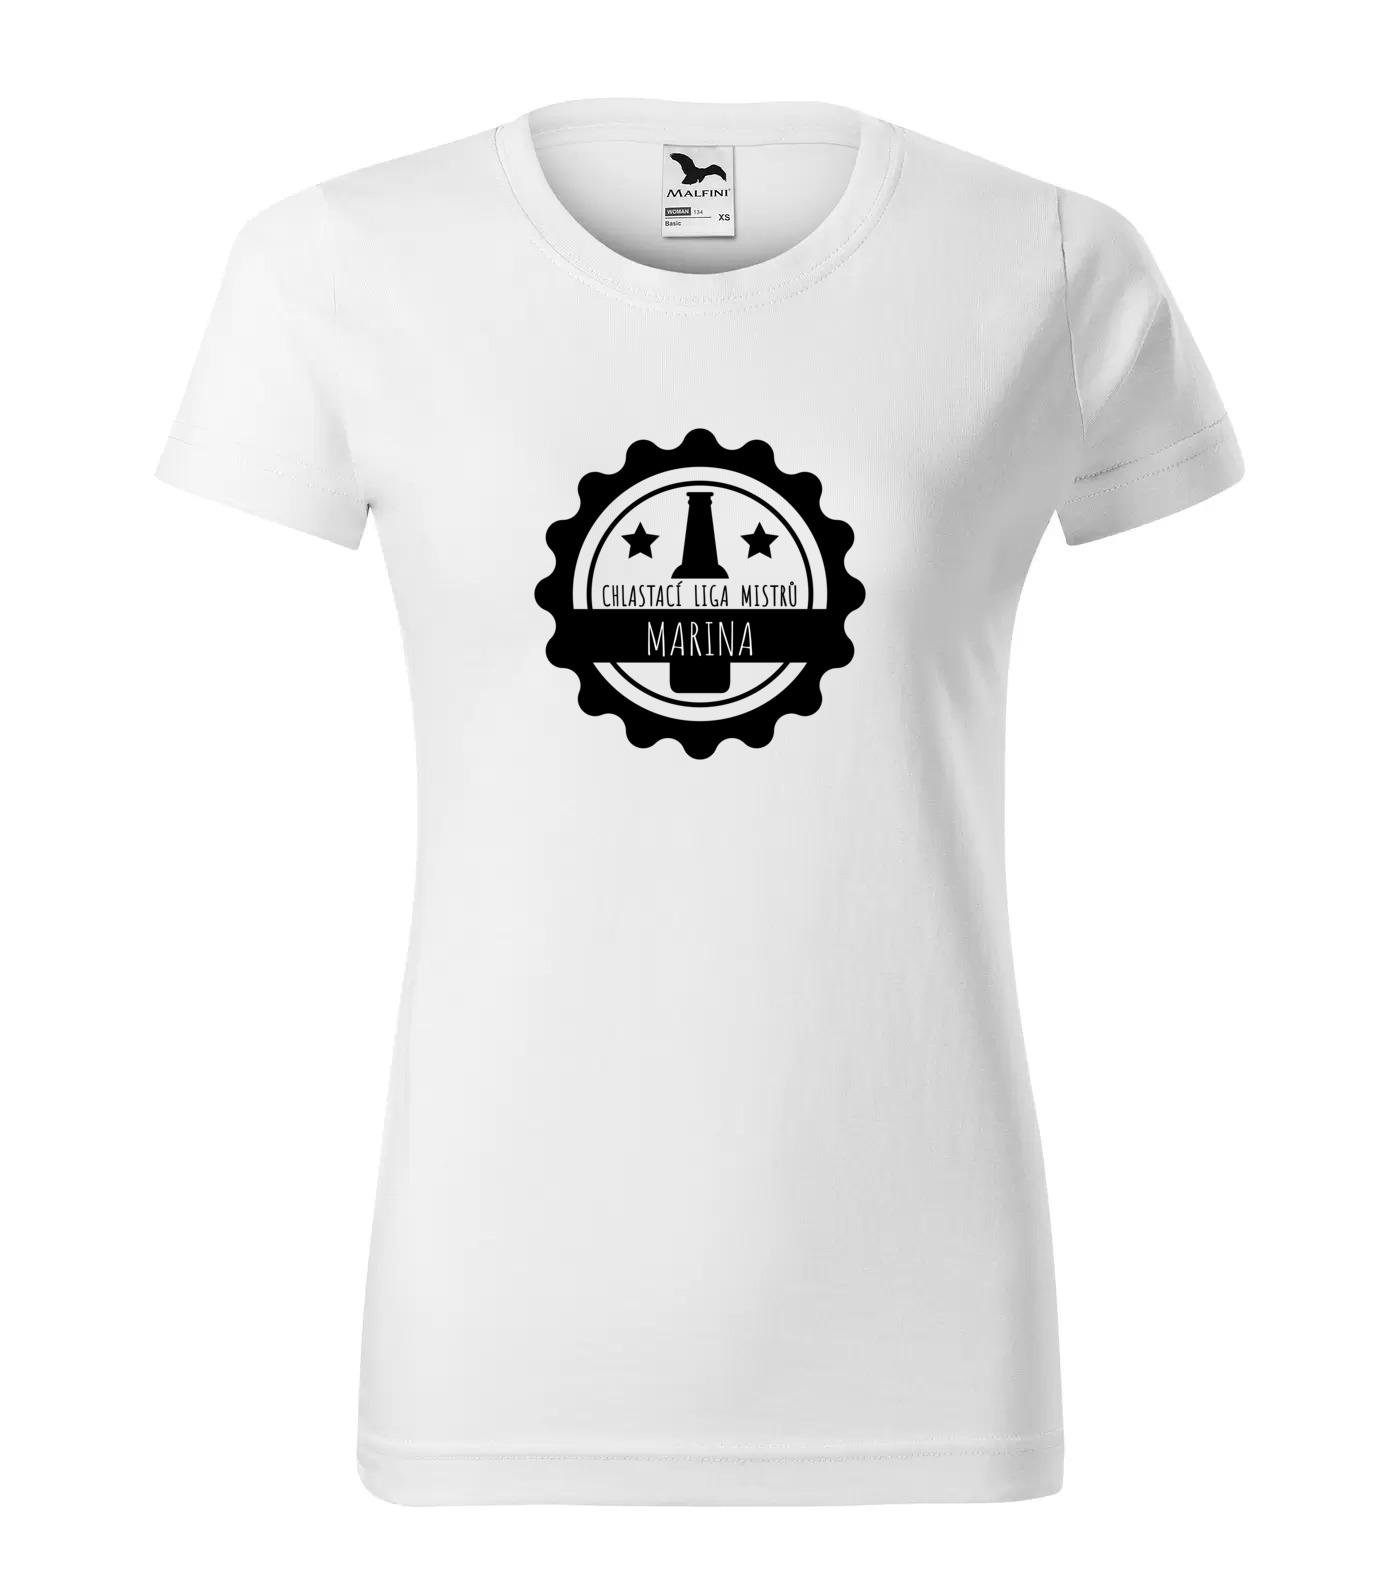 Tričko Chlastací liga žen Marina